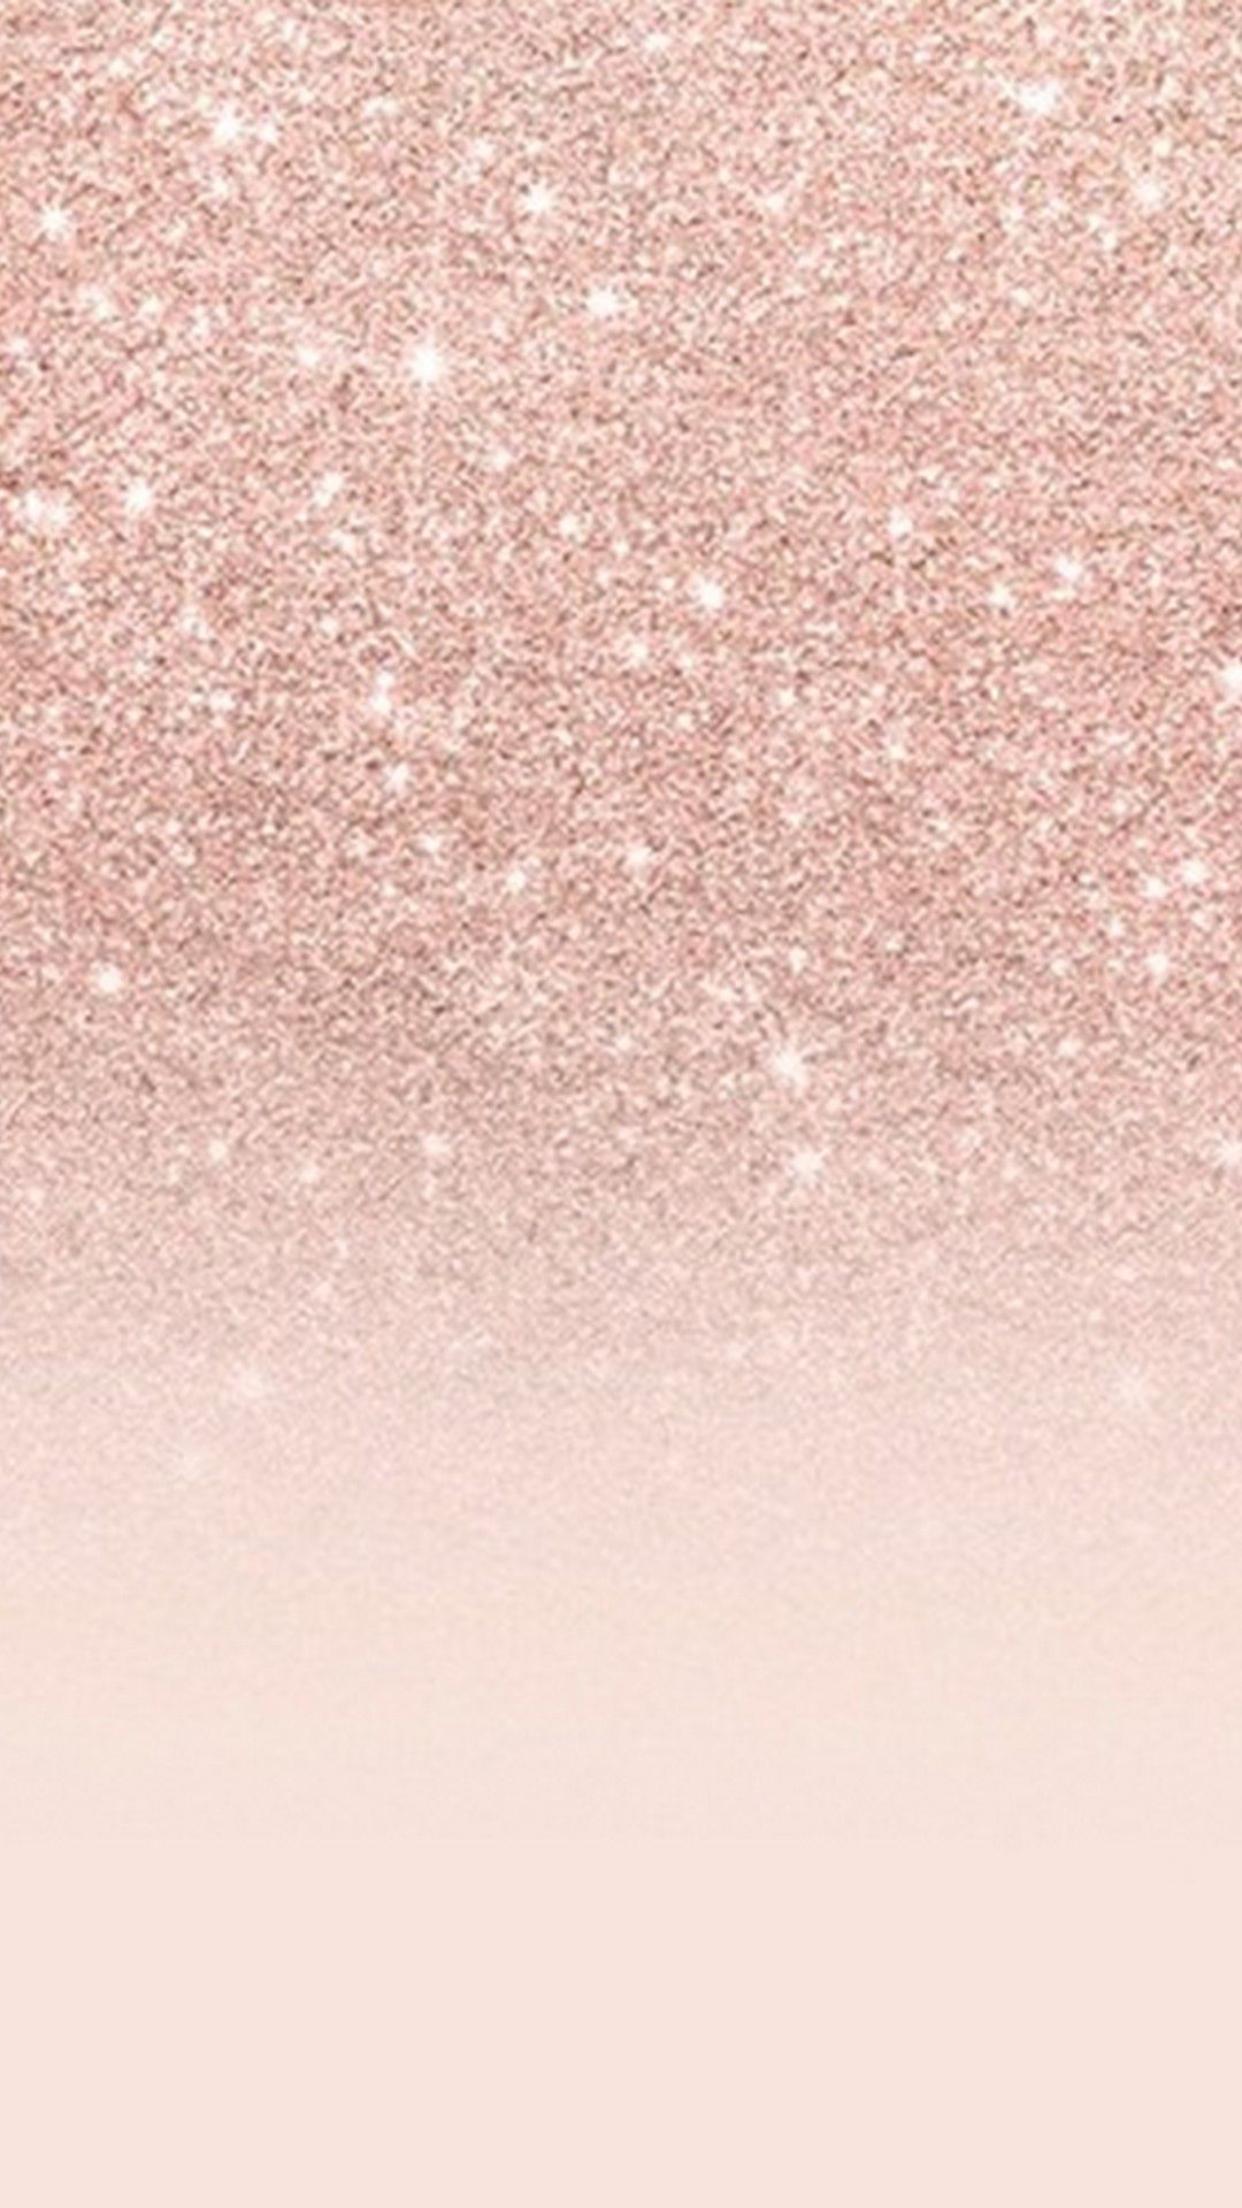 Pin By Hiba Zaidan On Materials Gold Wallpaper Iphone Rose Gold Wallpaper Glitter Wallpaper